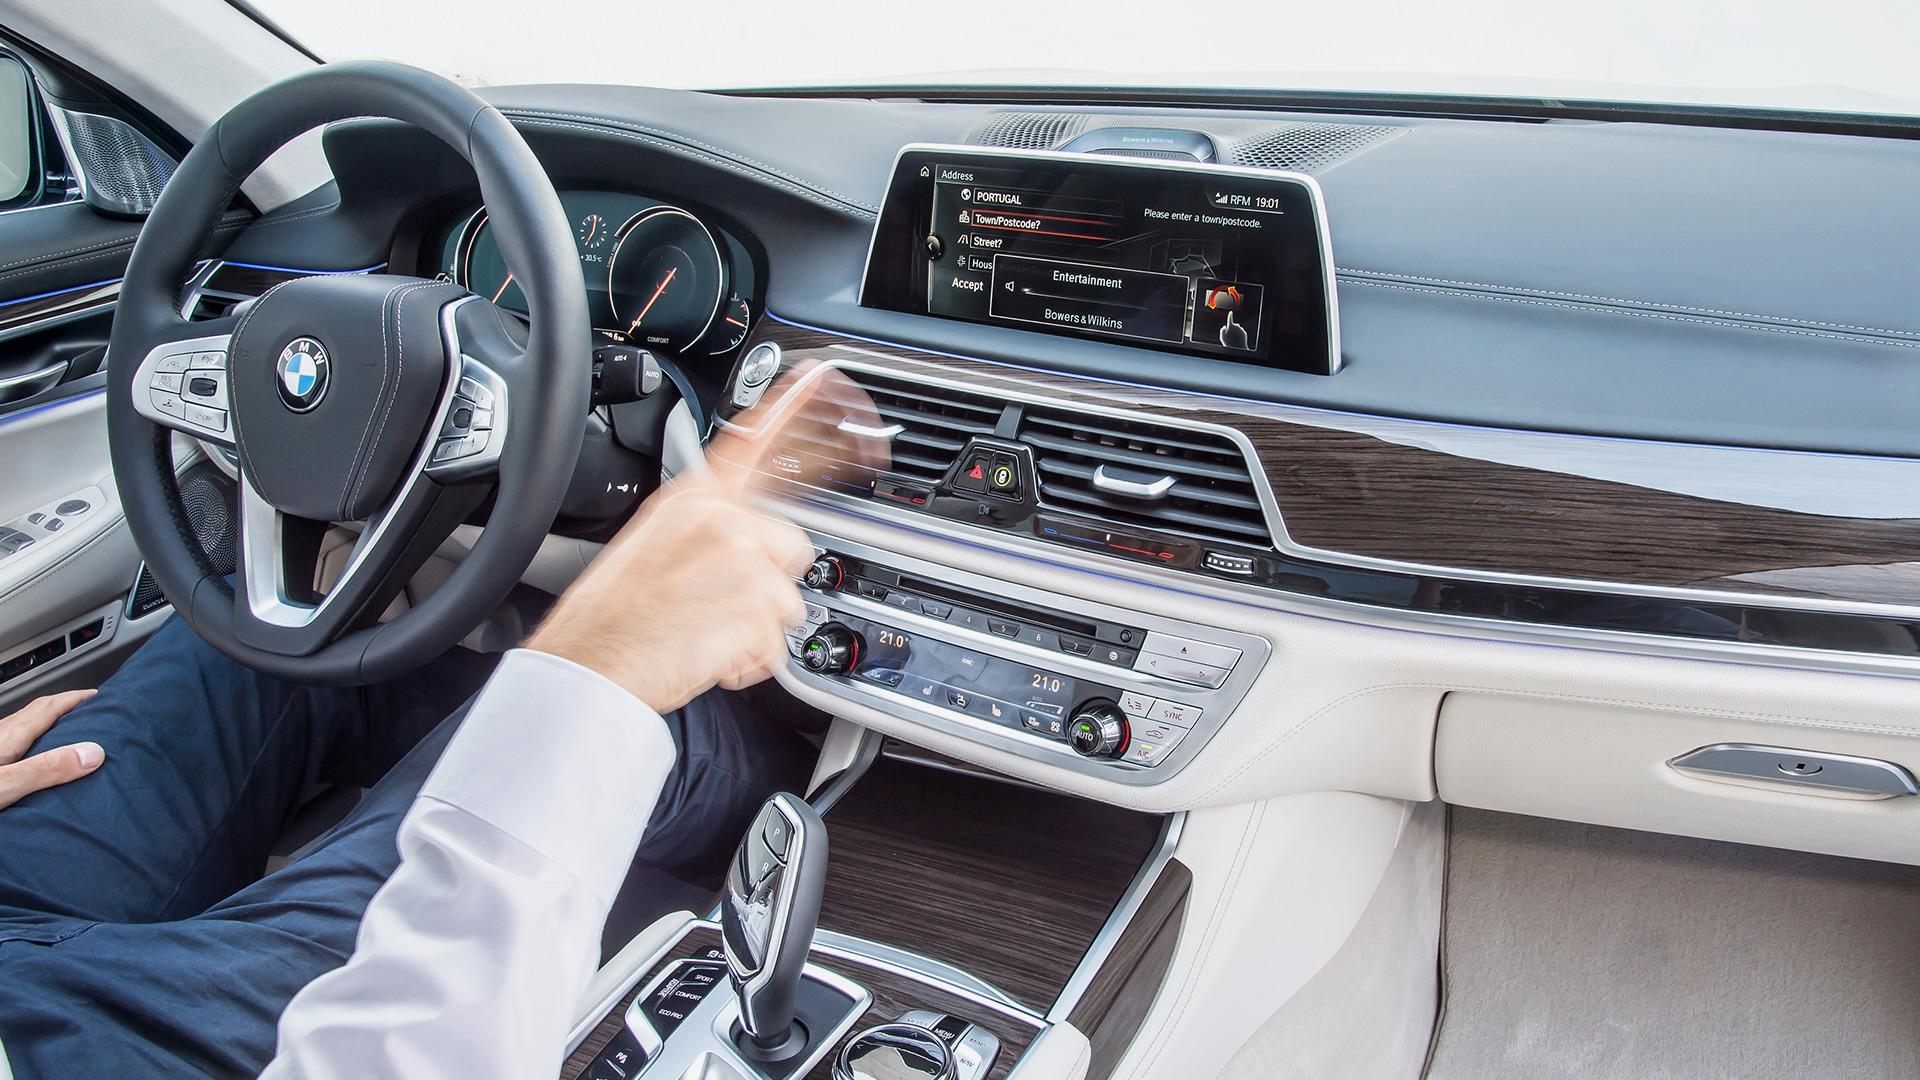 Ключ-гаджет, сидение-кровать или лавры настоящего BMW: тест новой 7 серии. Фото 5